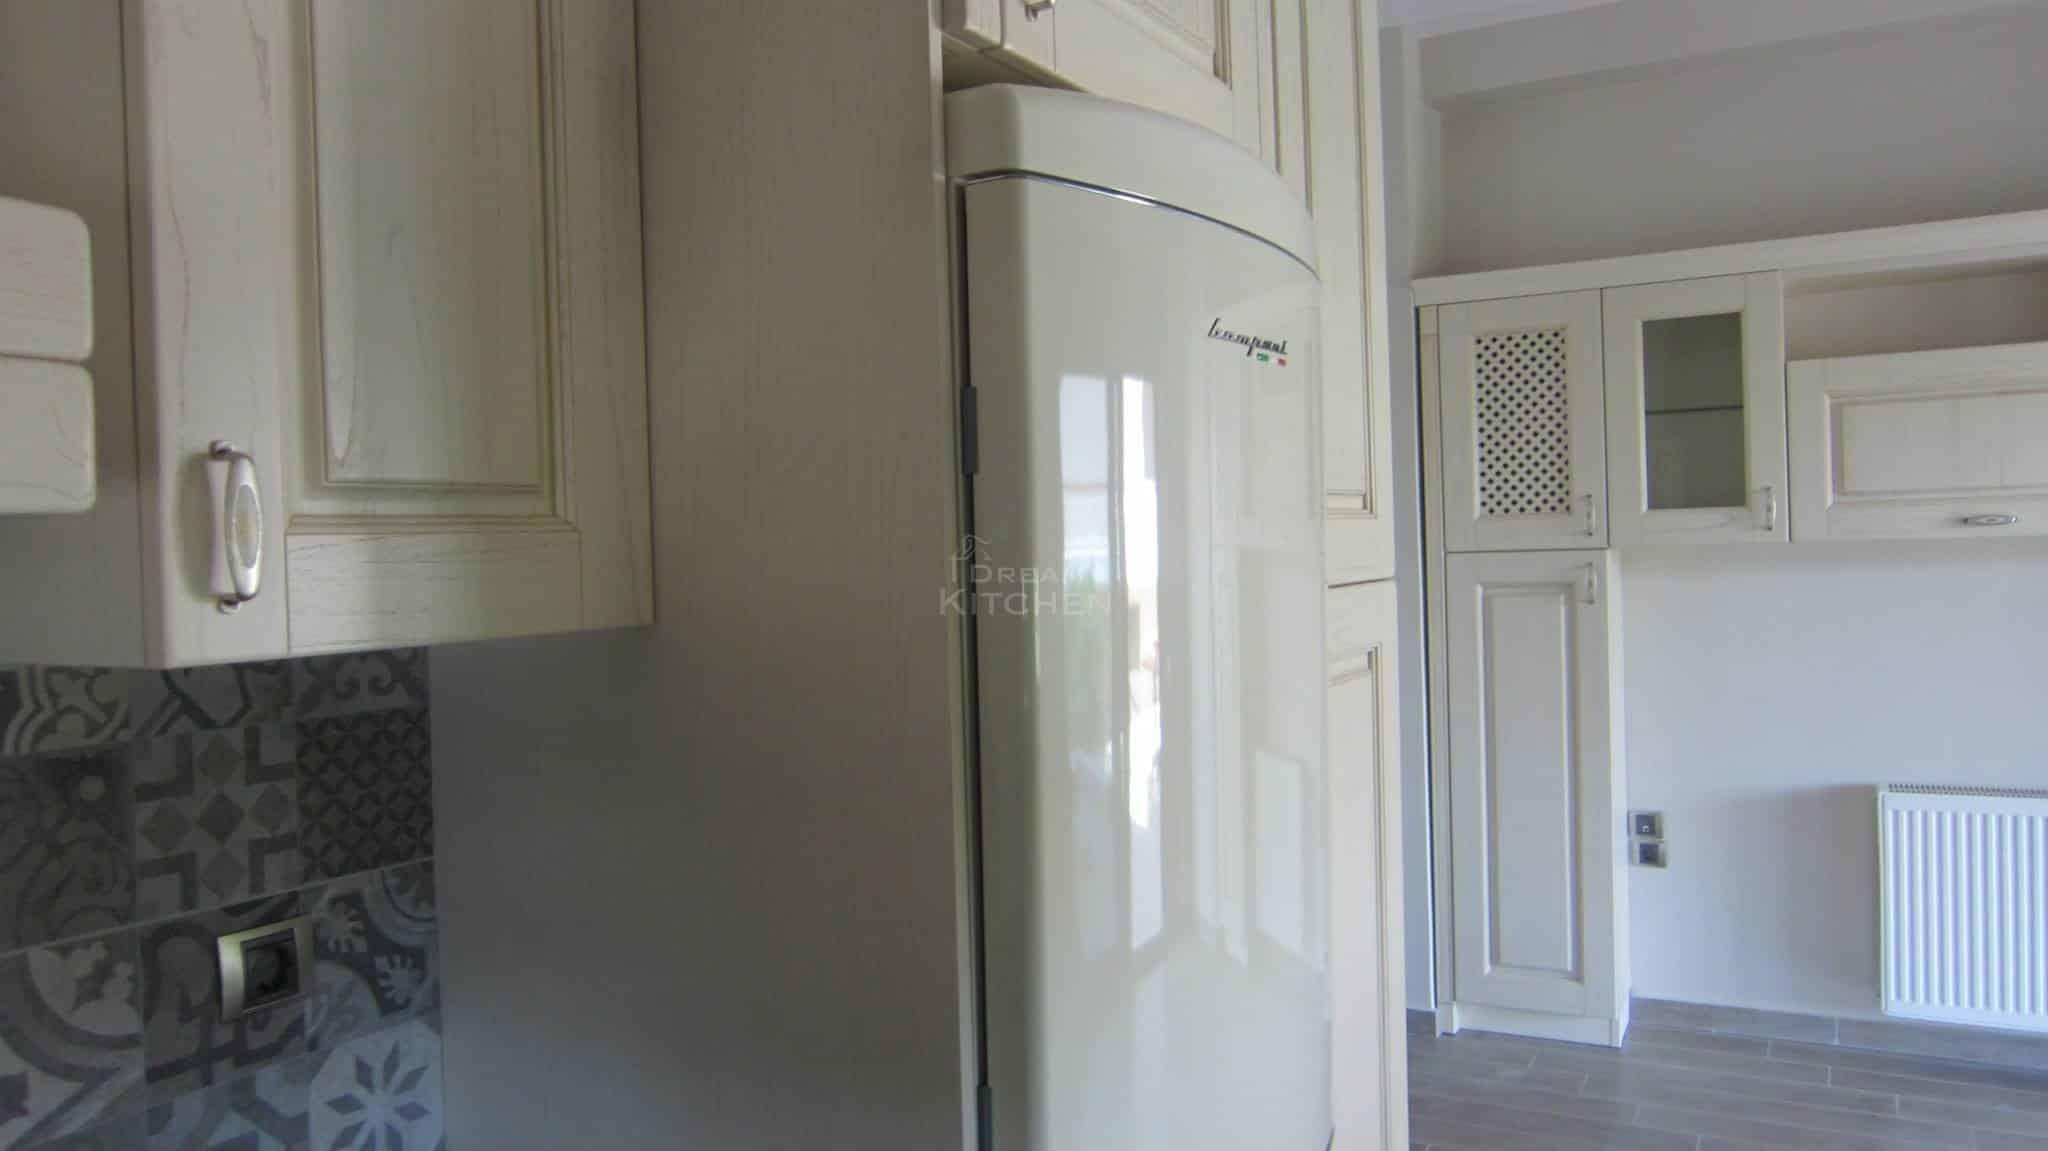 Πλήρης επίπλωση κατοικίας κουζινα μασιφ 27